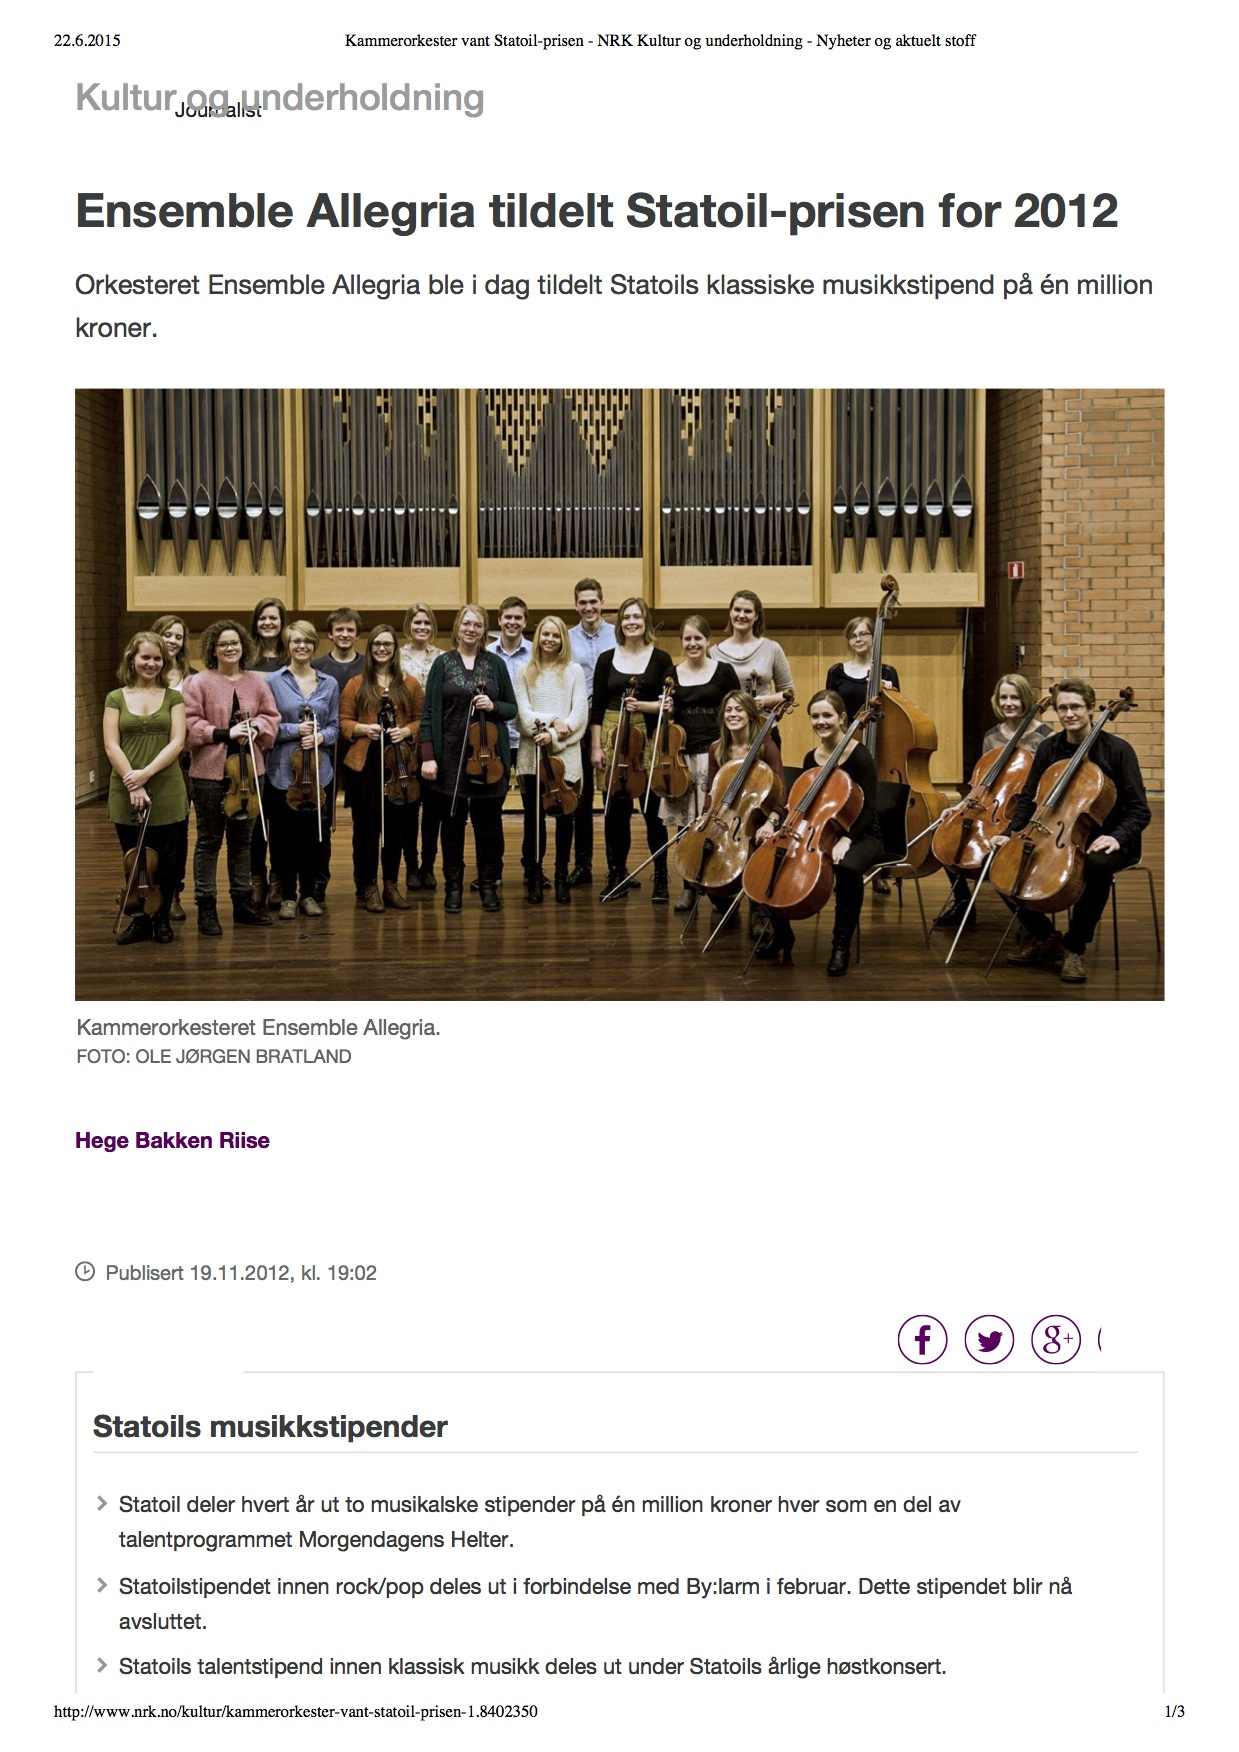 Kammerorkester vant Statoil-prisen - NRK Kultur og underholdning - Nyheter og aktuelt stoff.jpg